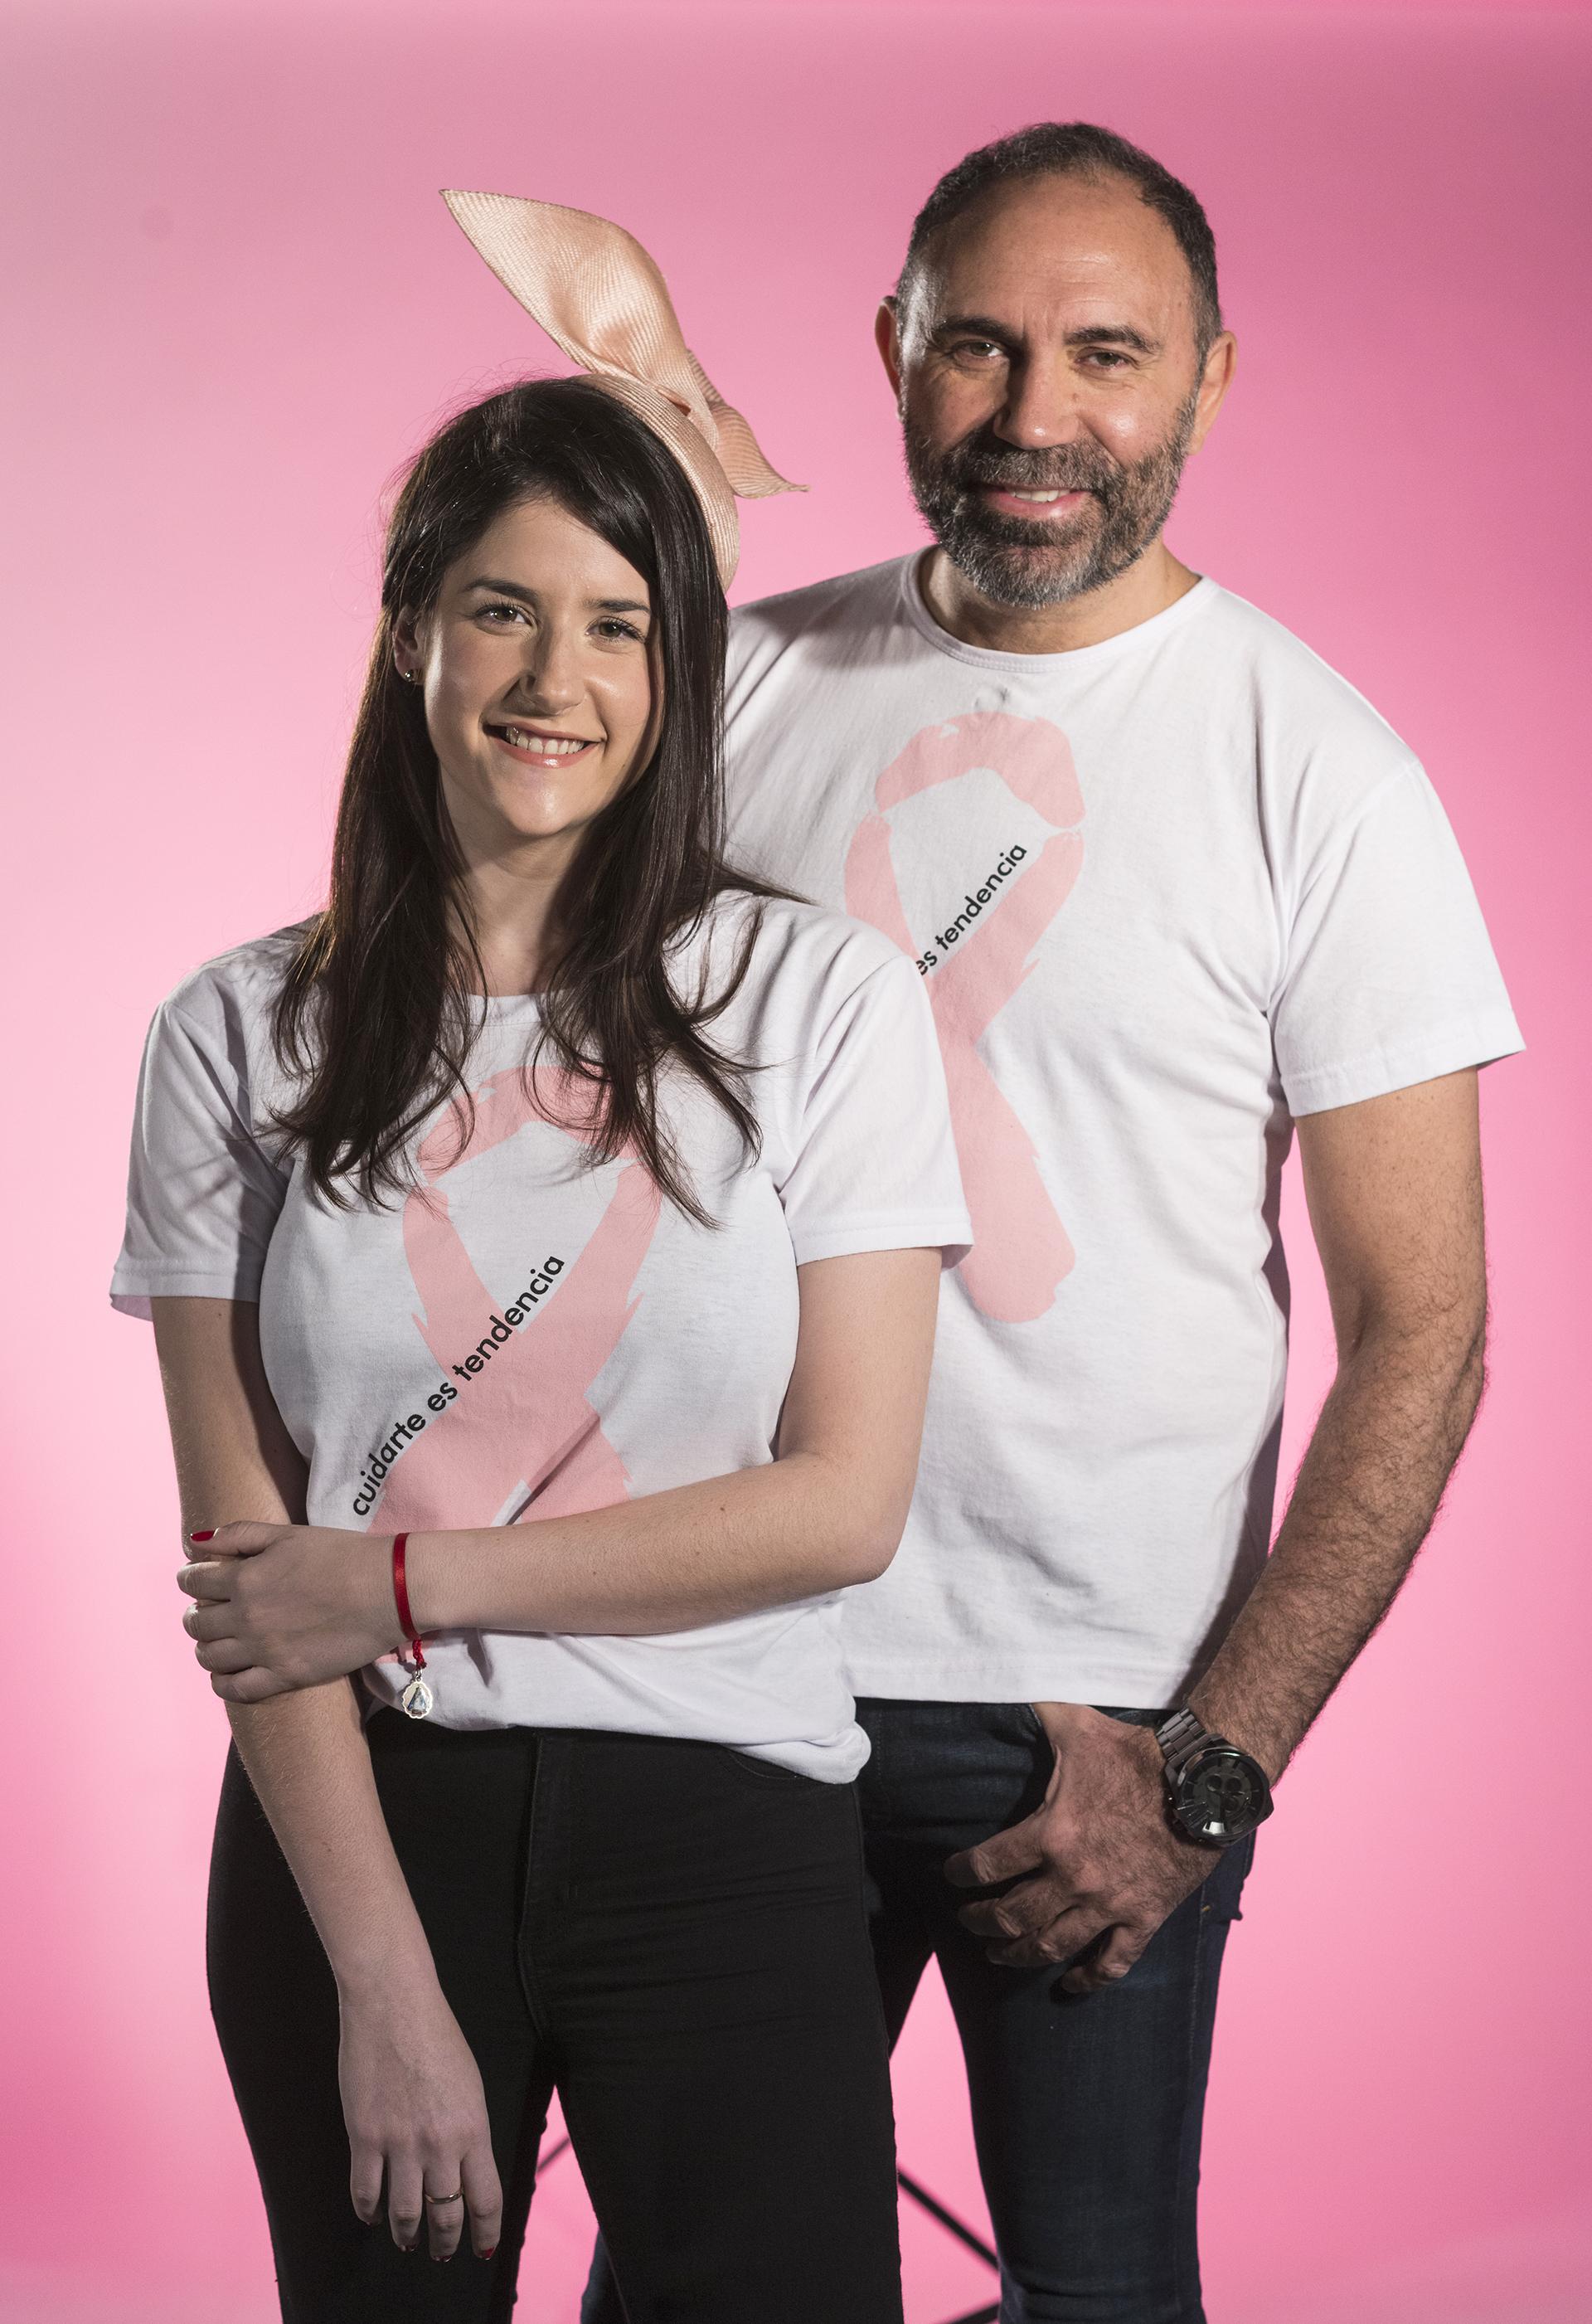 La diseñadora millennial y el referente de la alta costura argentina, juntos durante la campaña